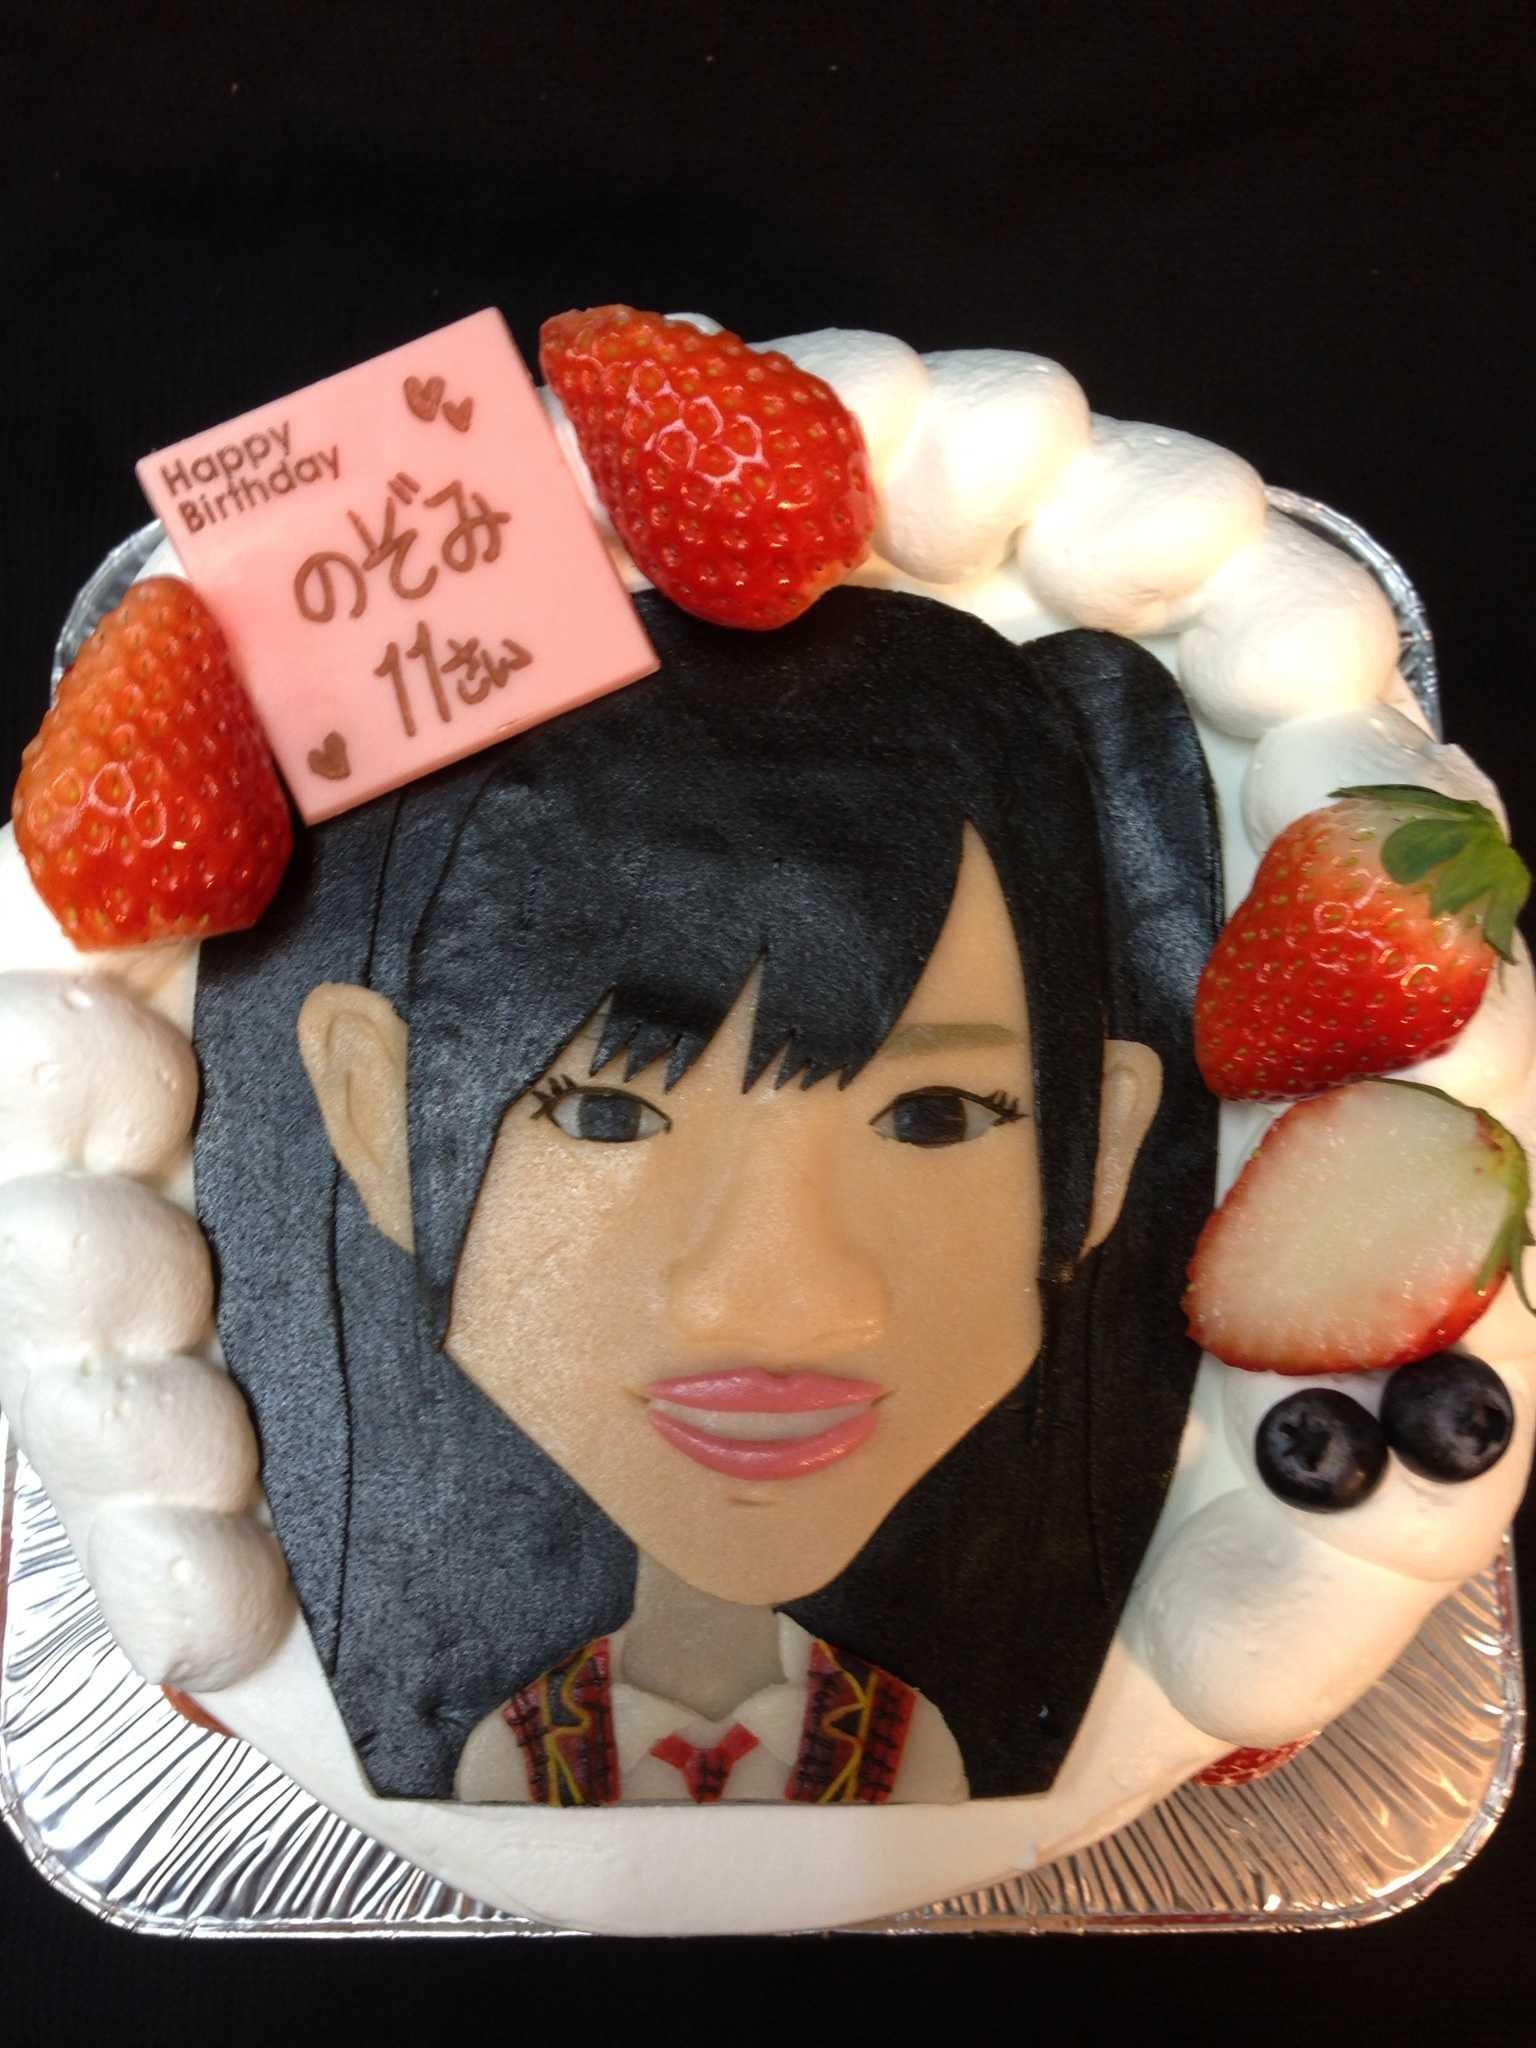 watanabe mayu birthday cake